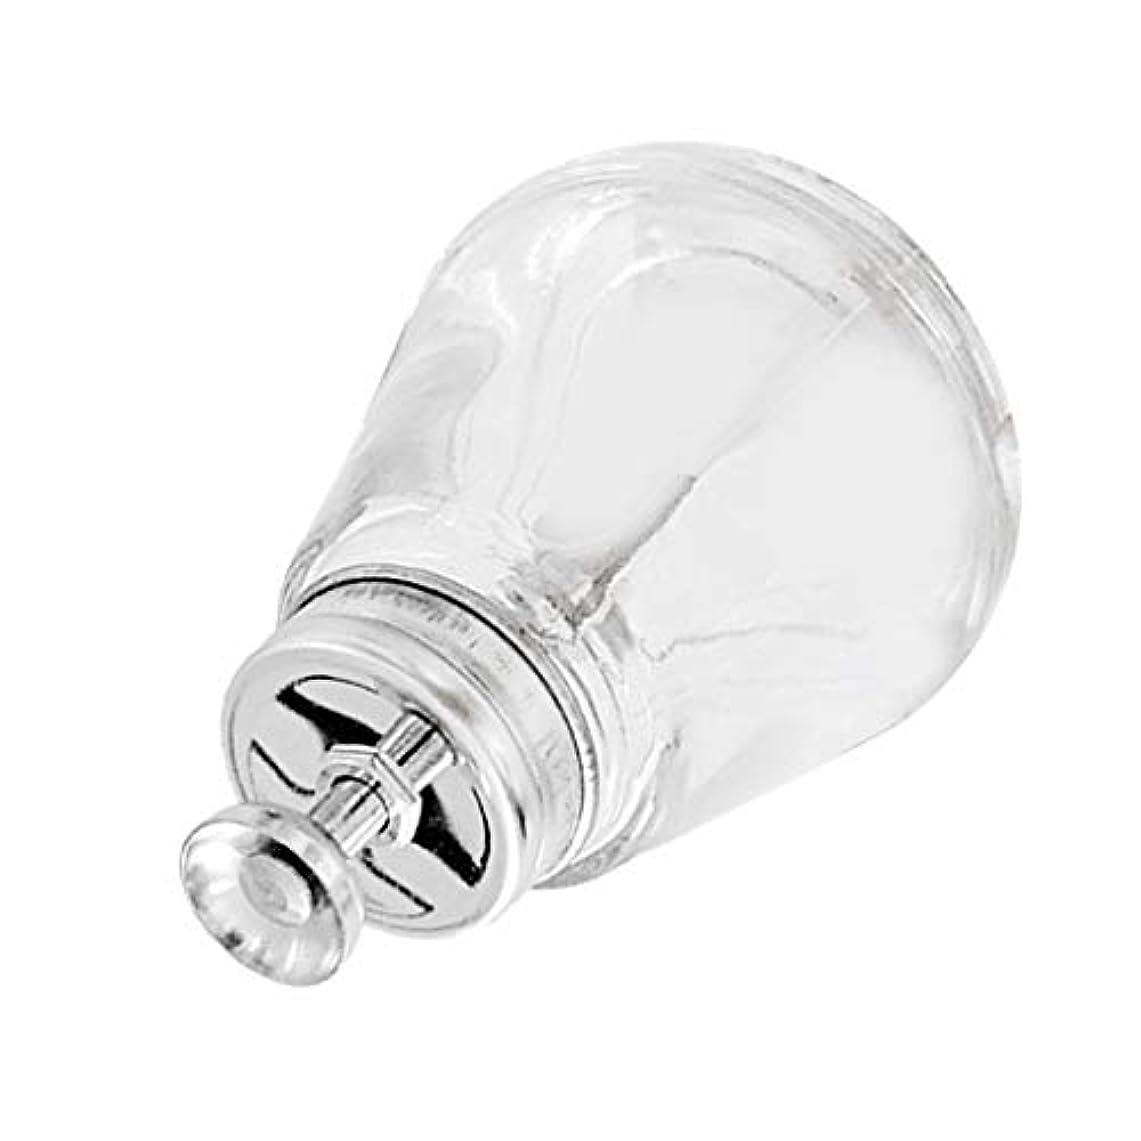 ラックの間で下に向けますネイルアートツールボトル ガラス瓶 150mL 蓋付き マニキュアリム用 ネイルケア 空ポンプボトル